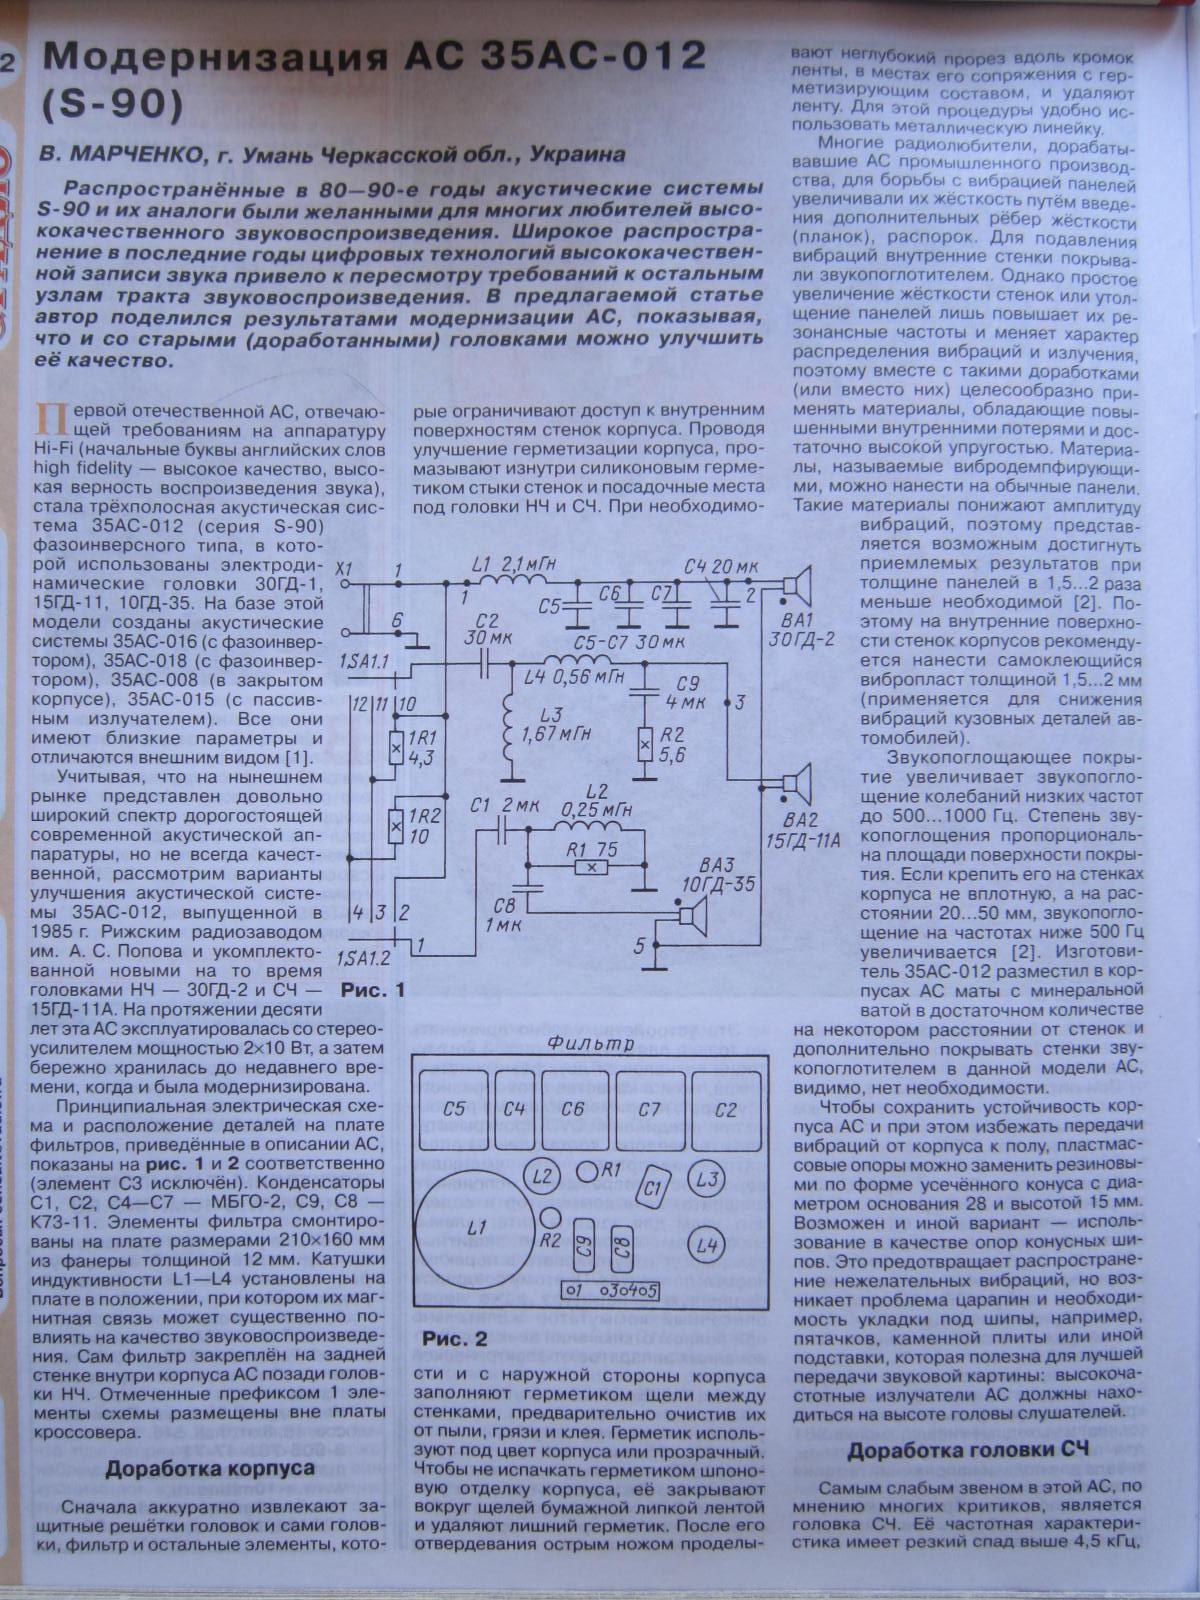 Схема аккустической системы